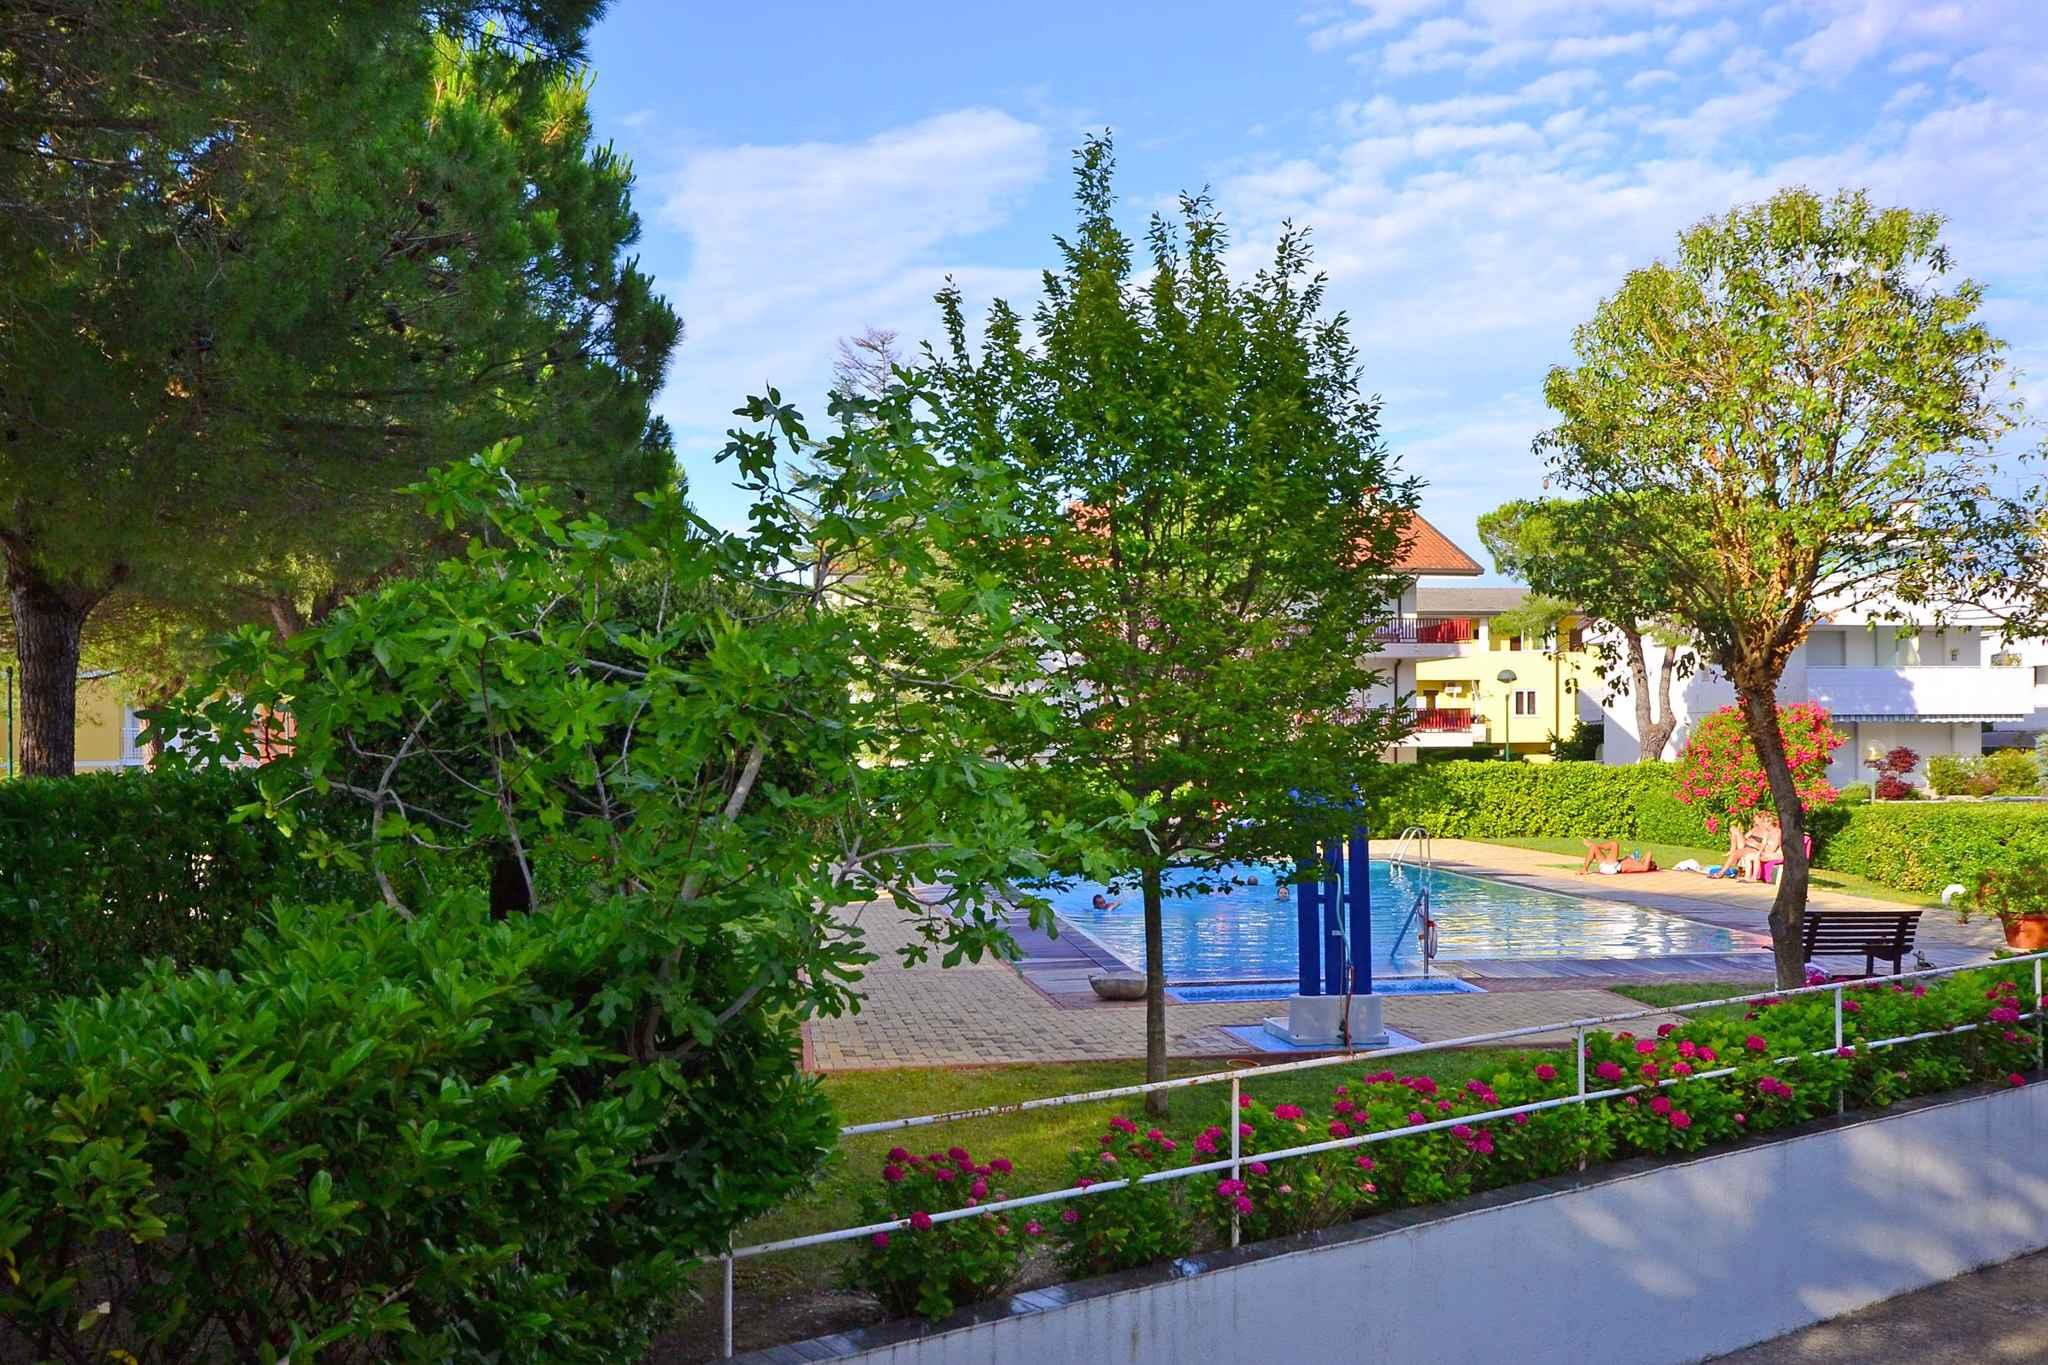 Ferienwohnung am Yachthafen (279390), Lignano Sabbiadoro, Adriaküste (Friaul-Julisch Venetien), Friaul-Julisch Venetien, Italien, Bild 2